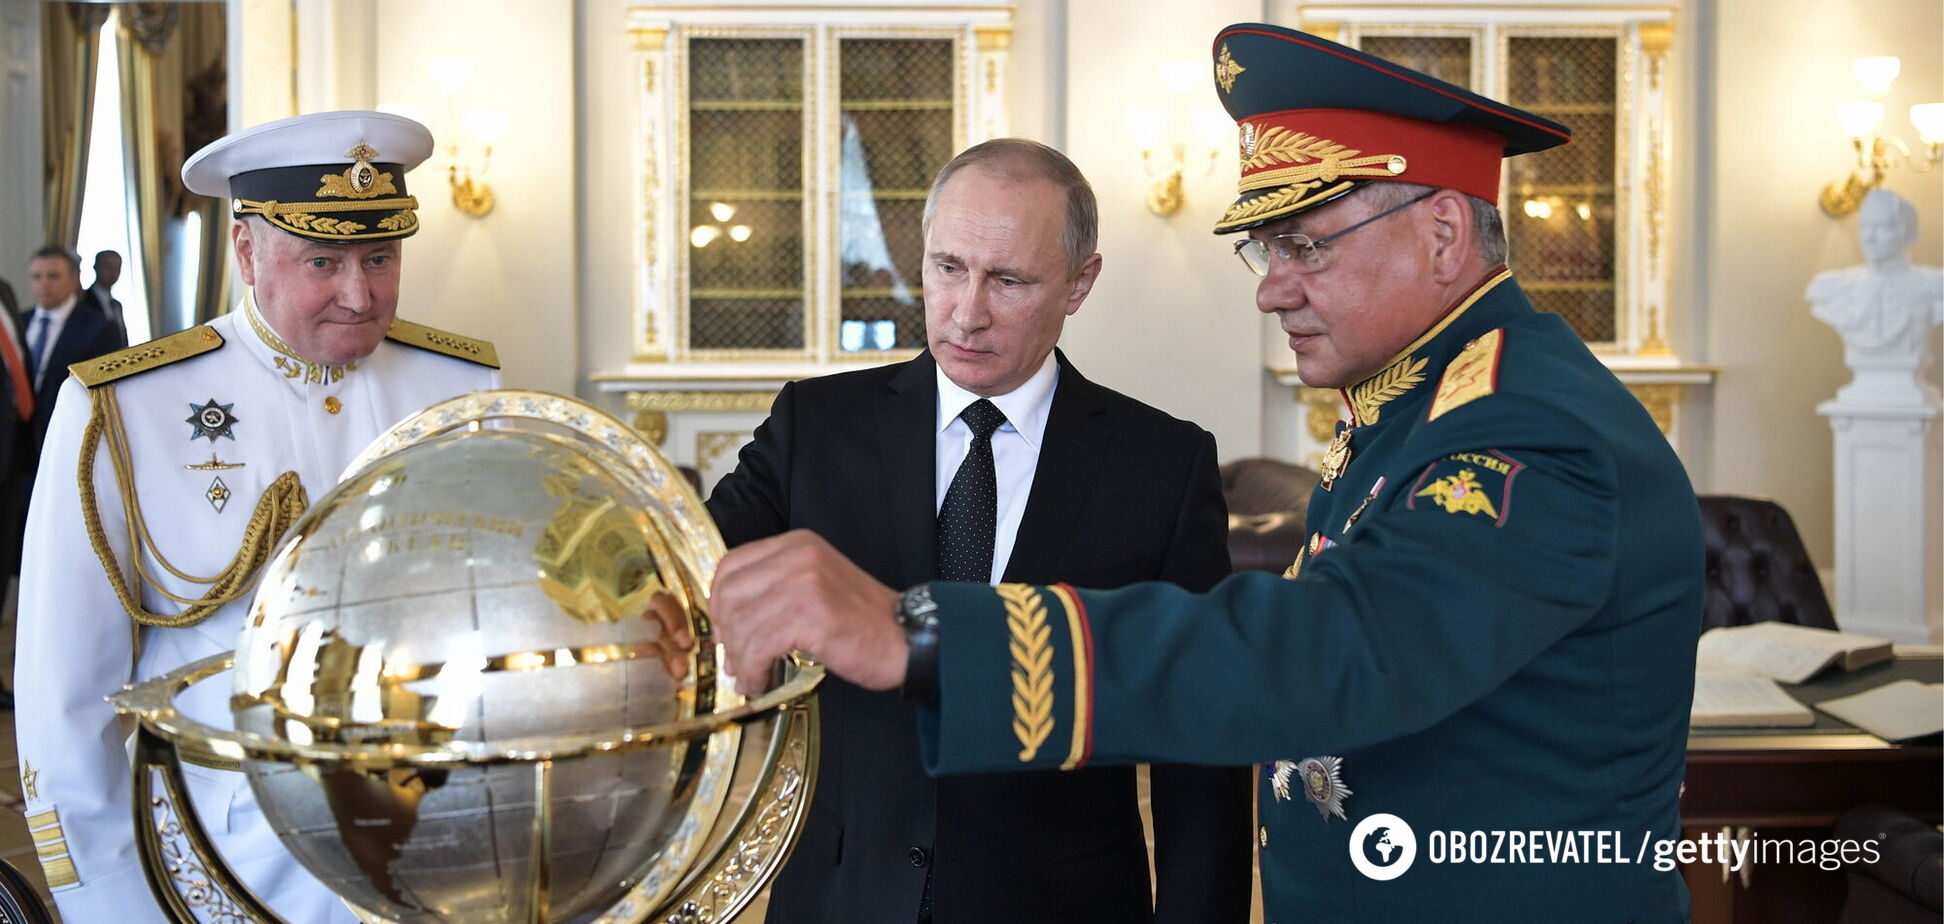 Для россиян Украина – недо-Россия, они не оставят нас в покое, – Сазонов